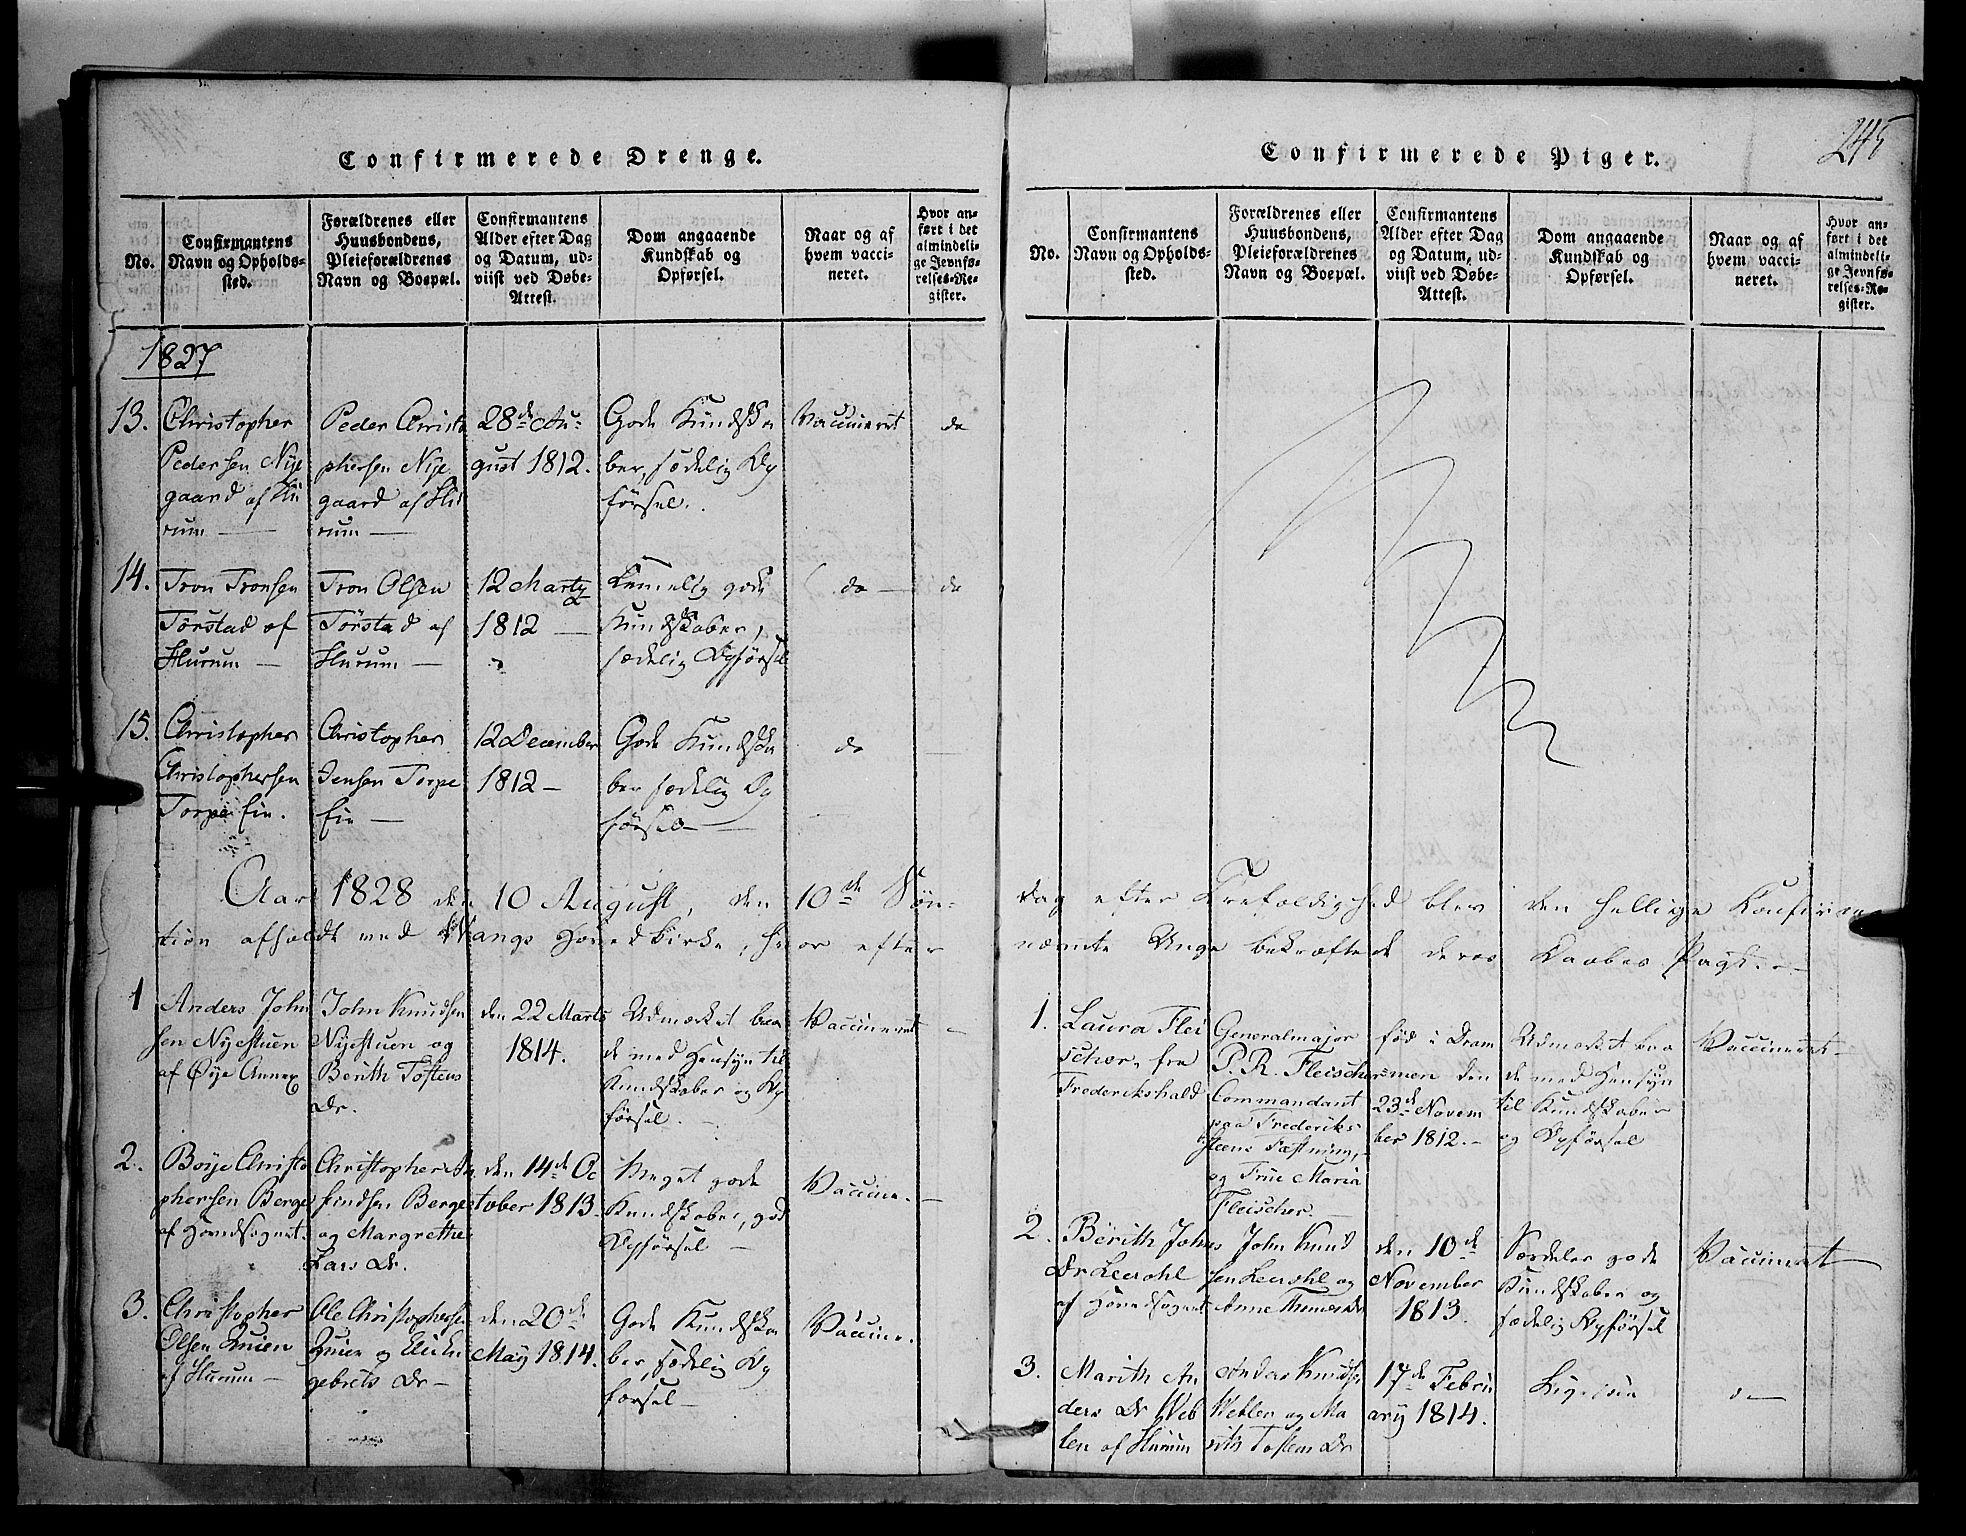 SAH, Vang prestekontor, Valdres, Klokkerbok nr. 1, 1814-1820, s. 245